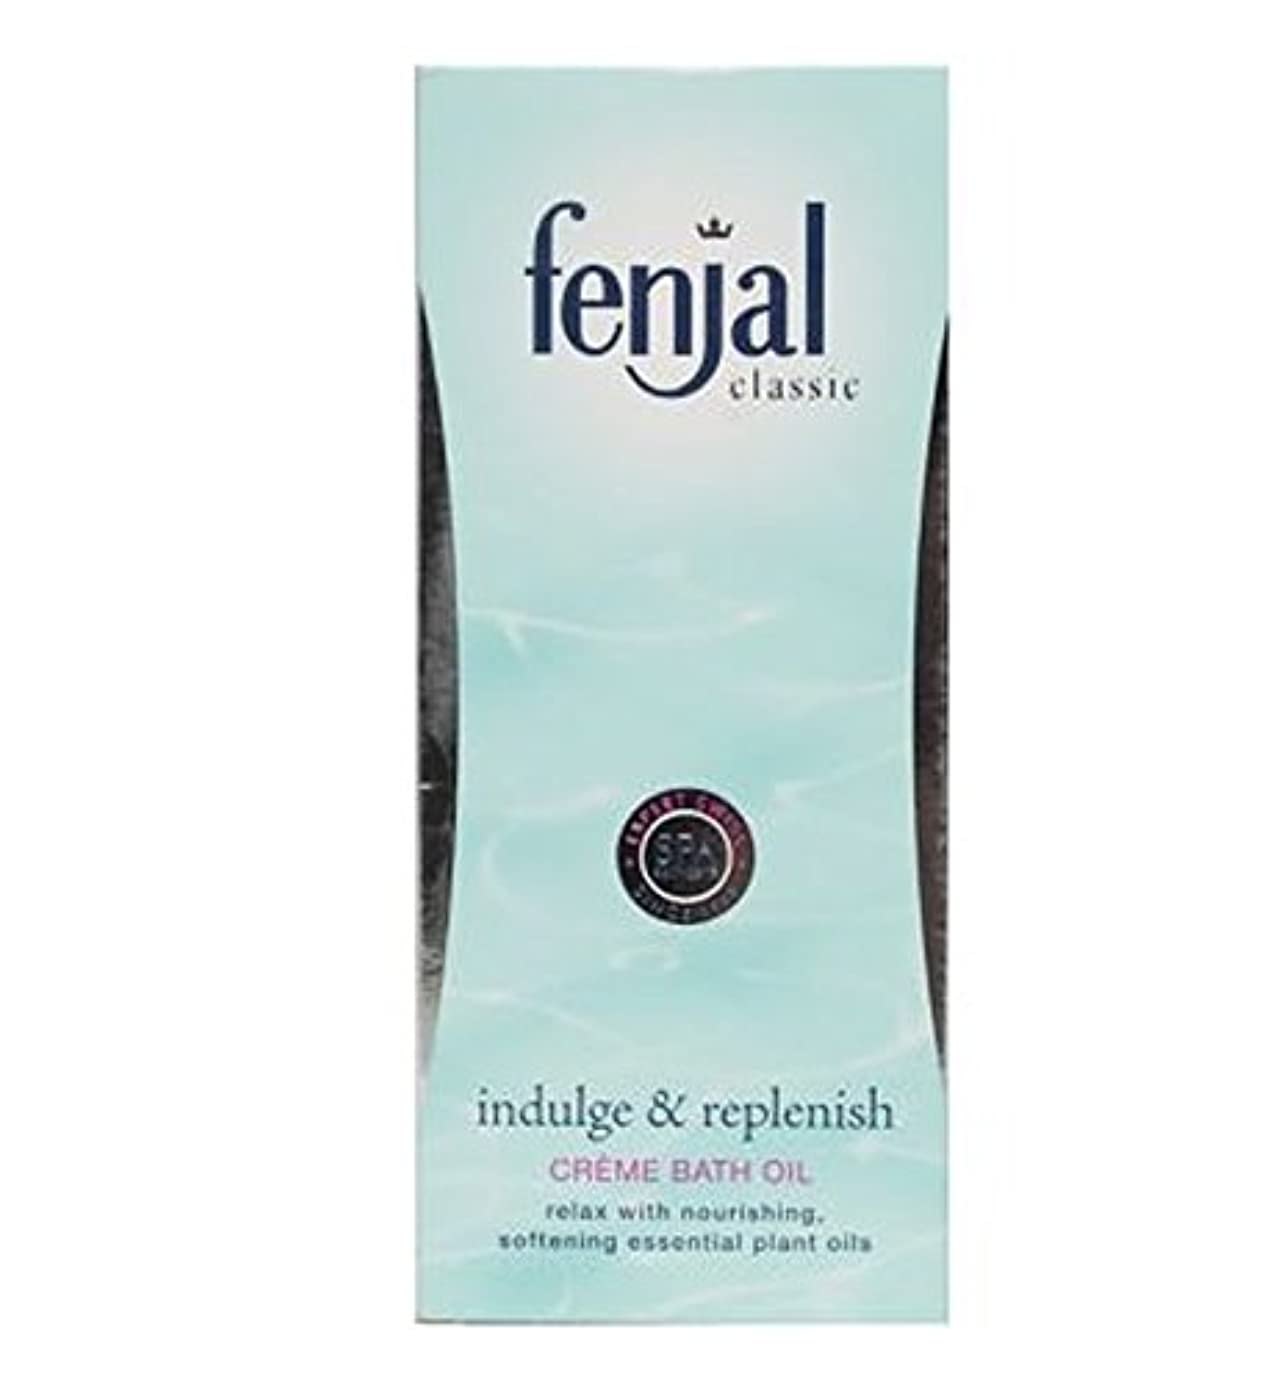 盗賊要件期待するFenjal Classic Luxury Creme Bath Oil 125 ml - Fenjal古典的な高級クリームバスオイル125ミリリットル (Fenjal) [並行輸入品]